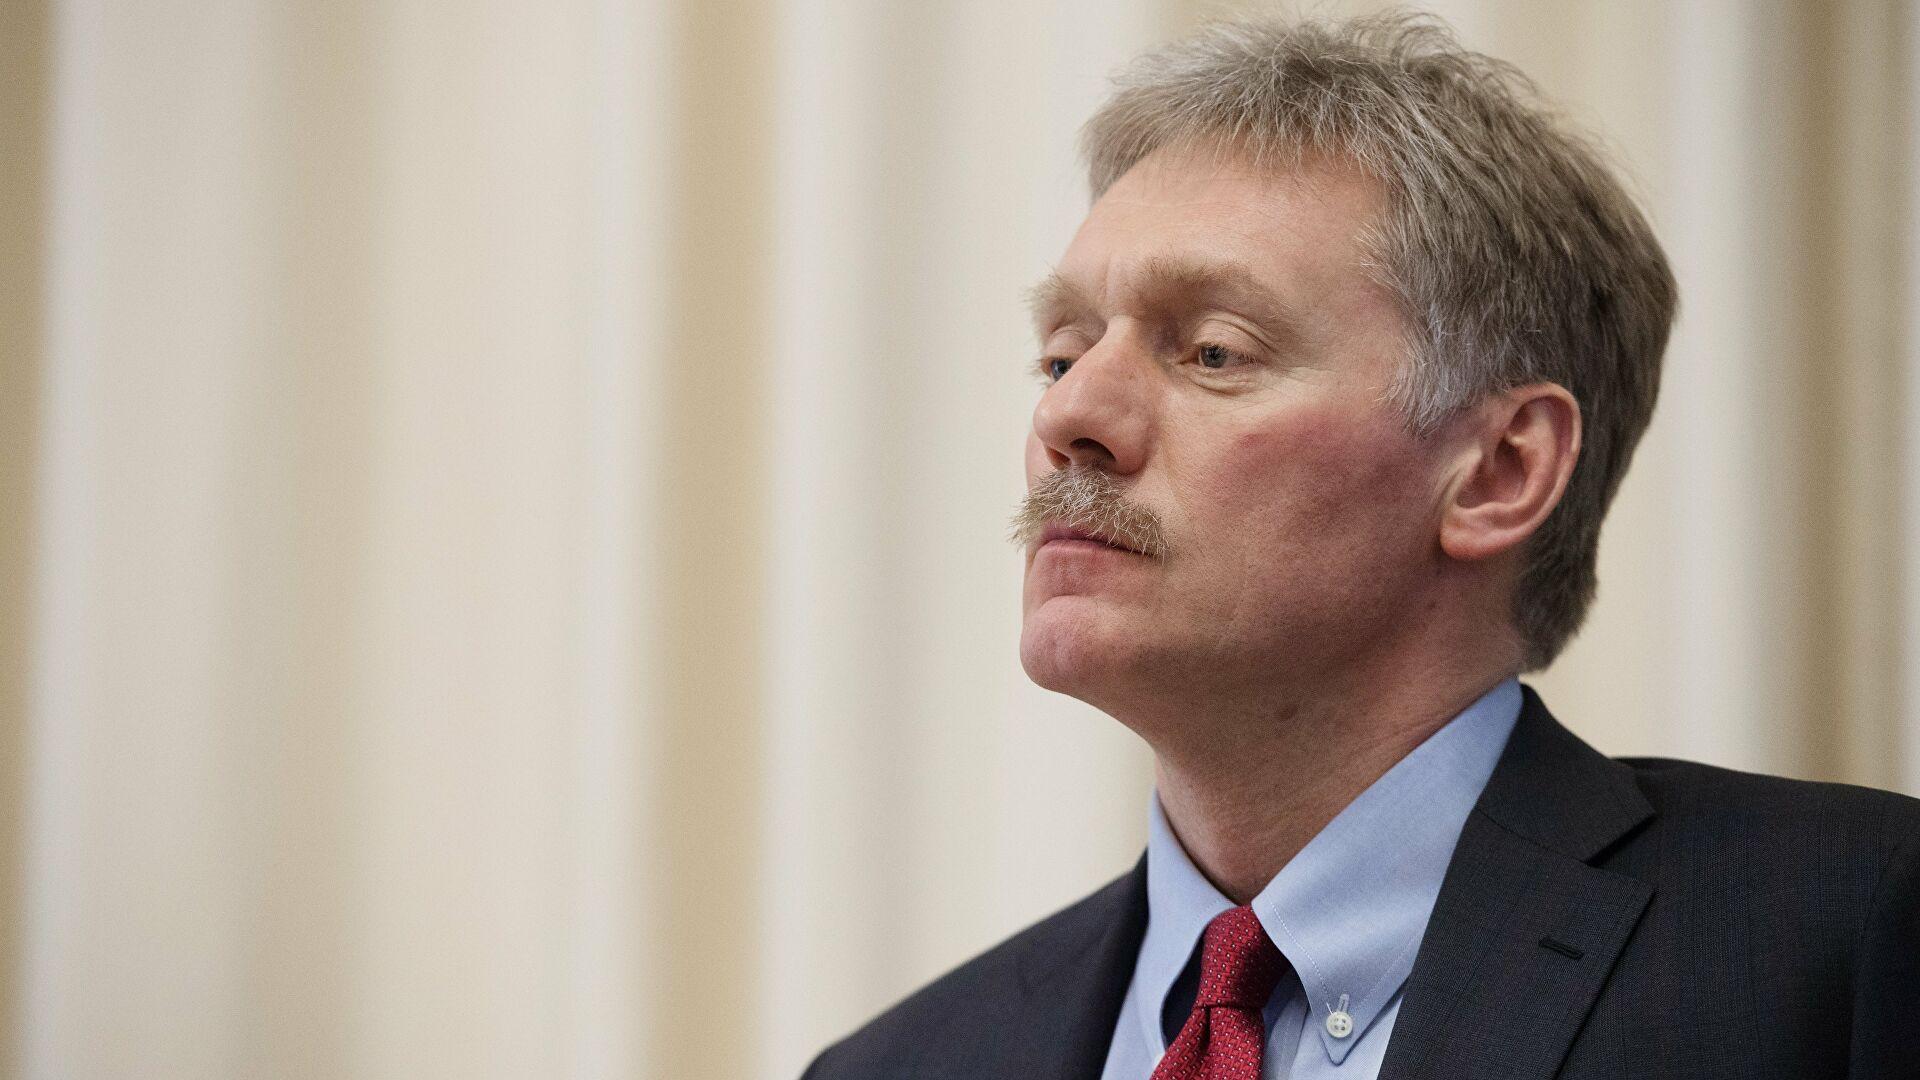 Песков: Москва високо цени саму чињеницу доласка министара спољних послова Јерменије и Азербејџана у Русију и посао који су урадили